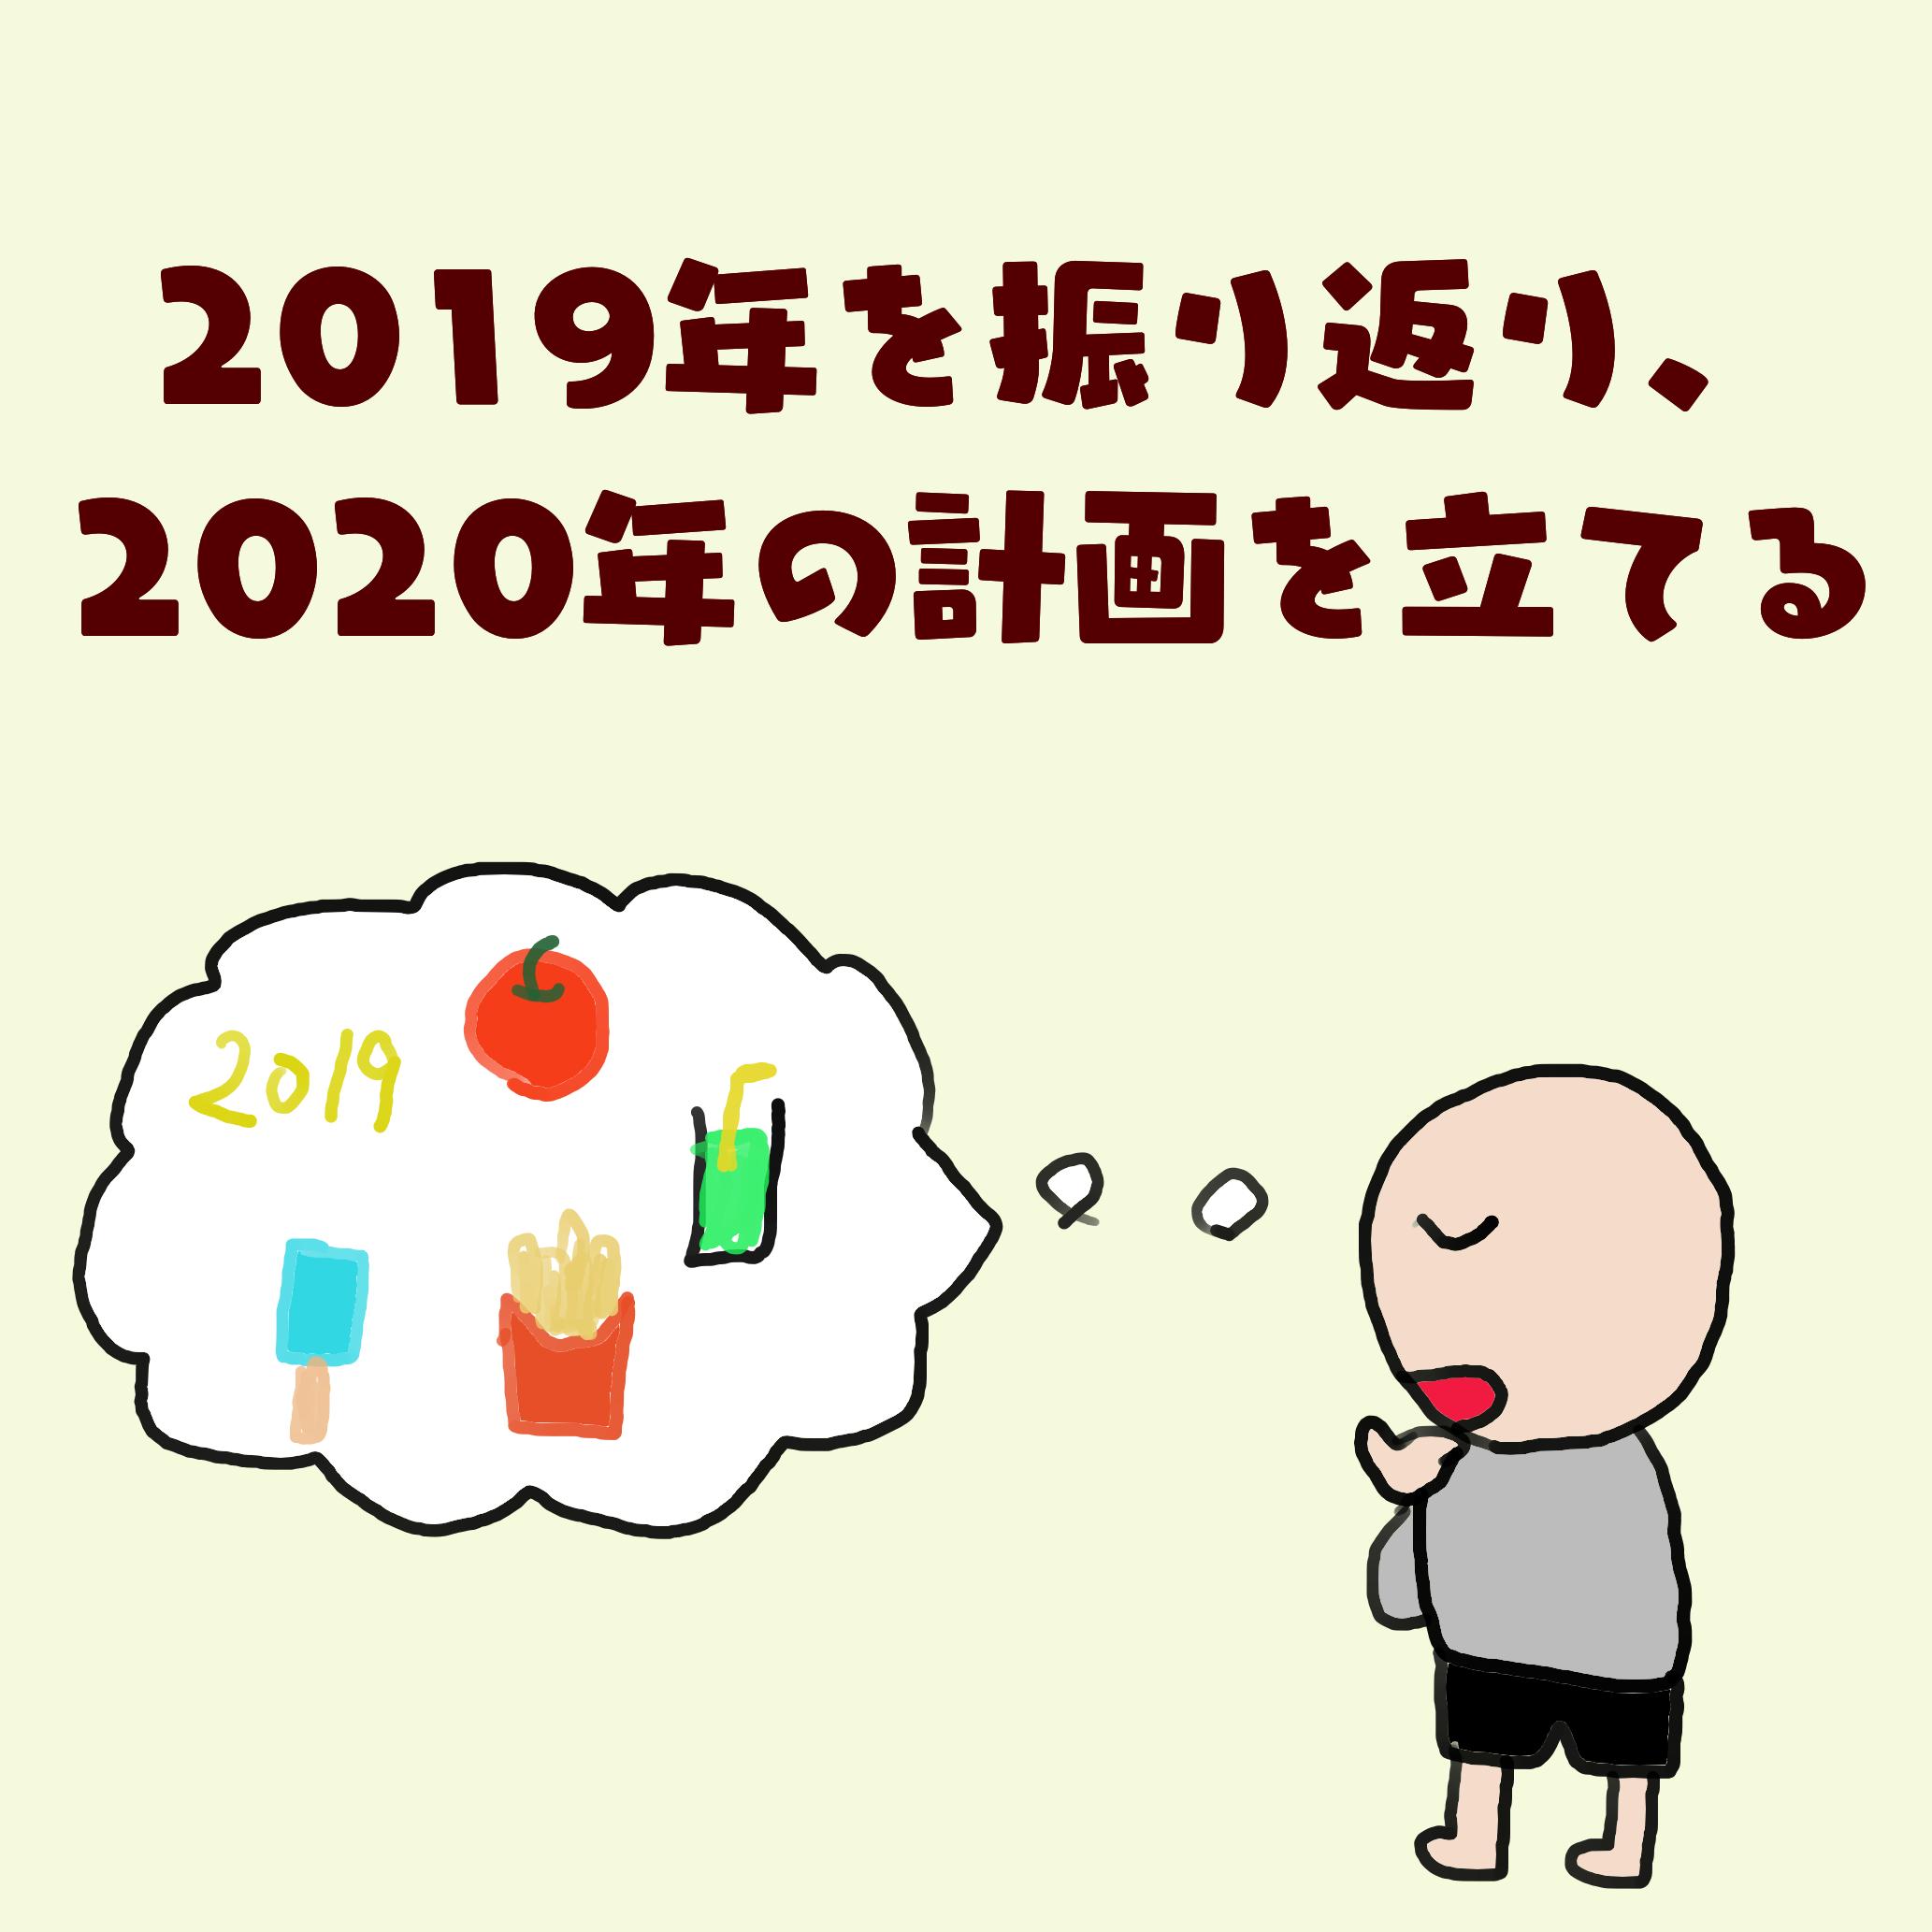 2019年を振り返り2020年の計画を立てる